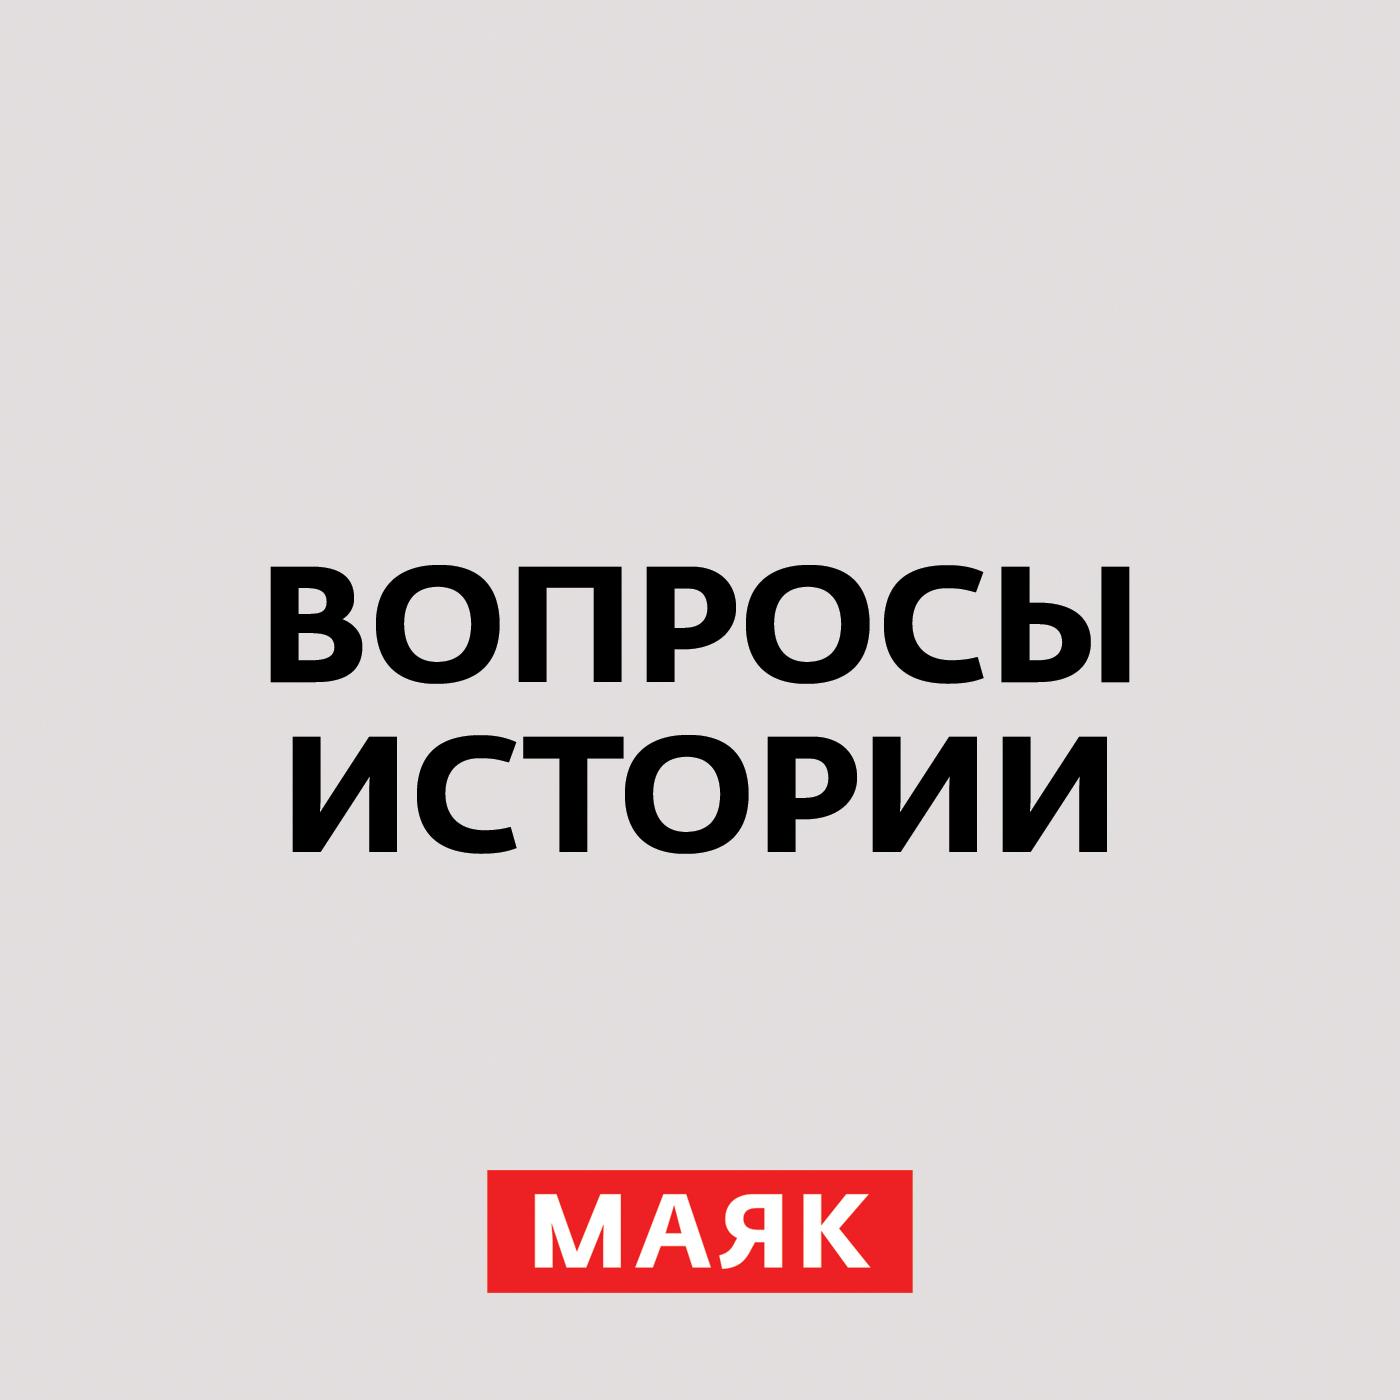 Андрей Светенко Августовский путч: за что гибли люди на улицах? Часть 1 сергей береговой августовский путч